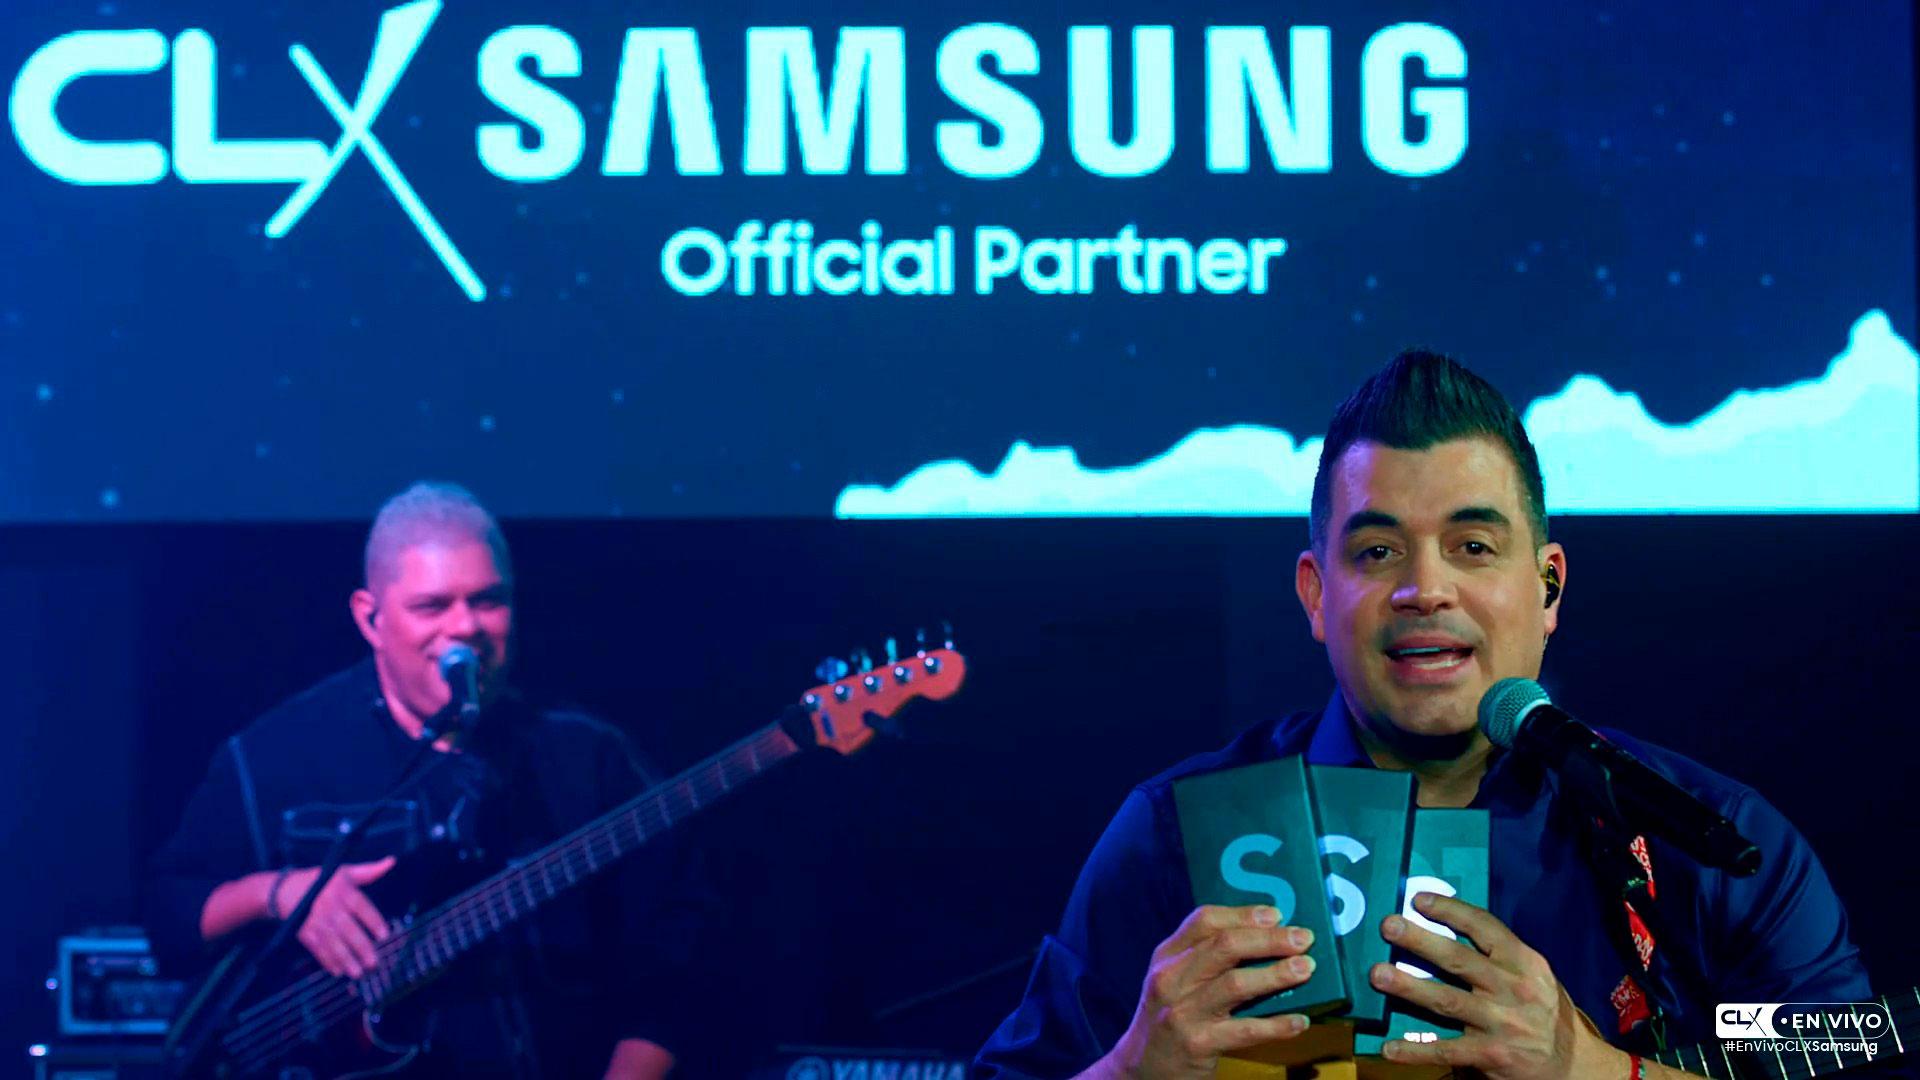 en vivo clx samsung 7